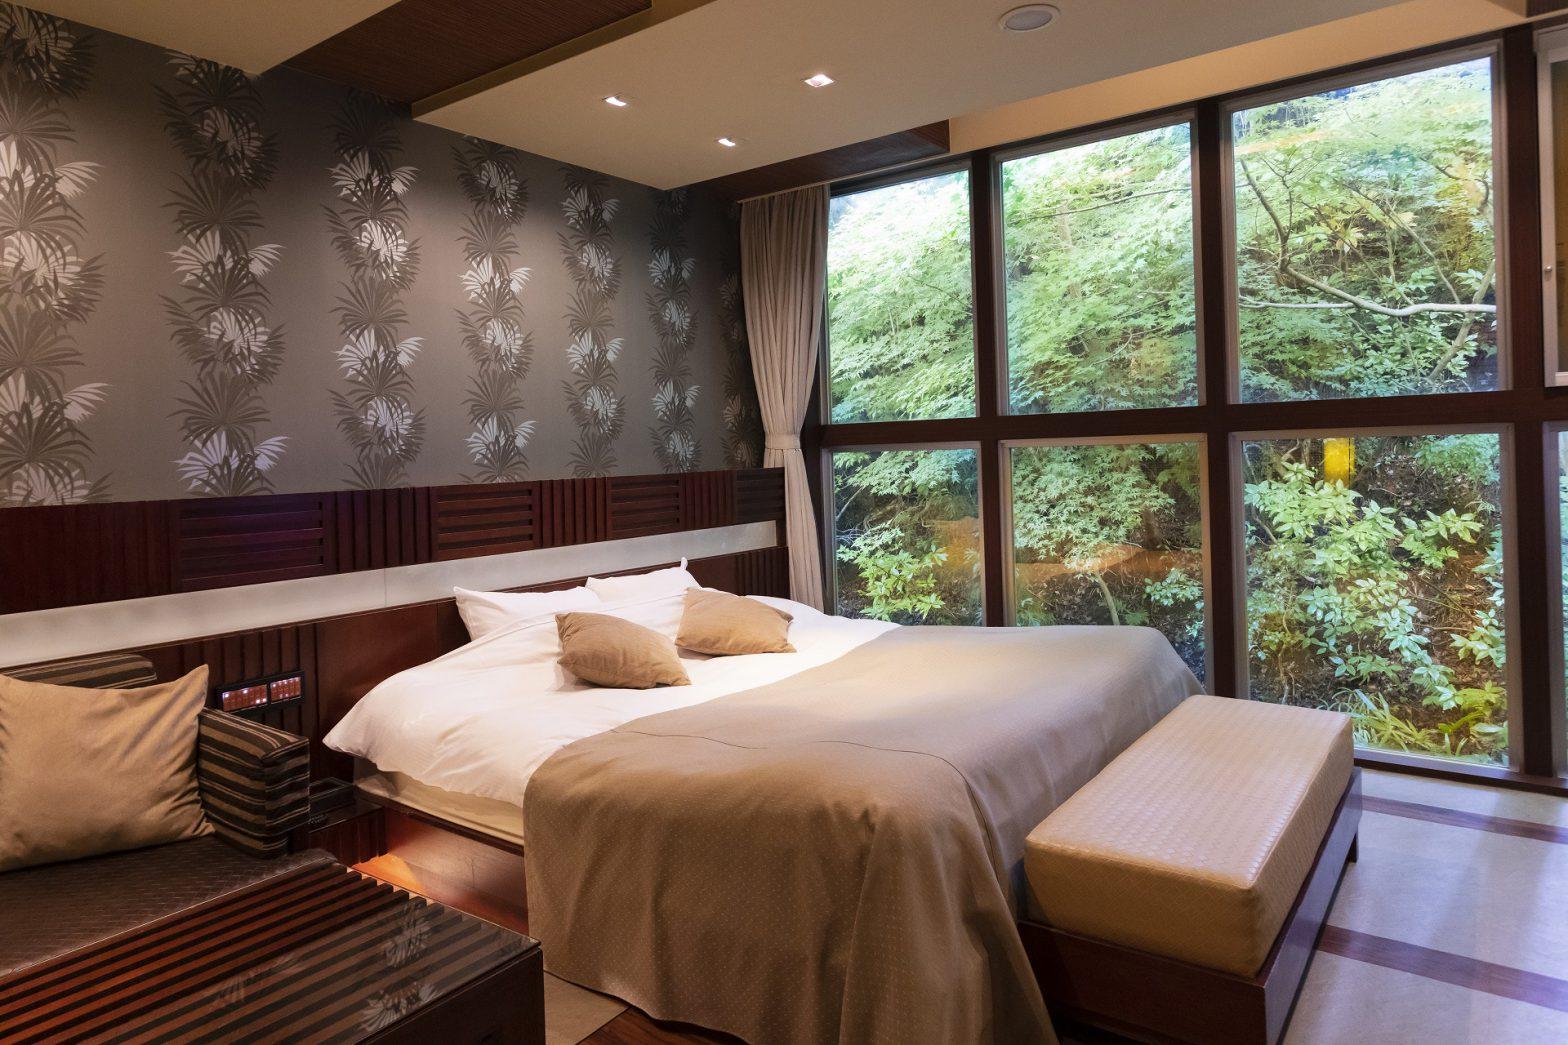 ホテル現代楽園伊勢原店のお部屋